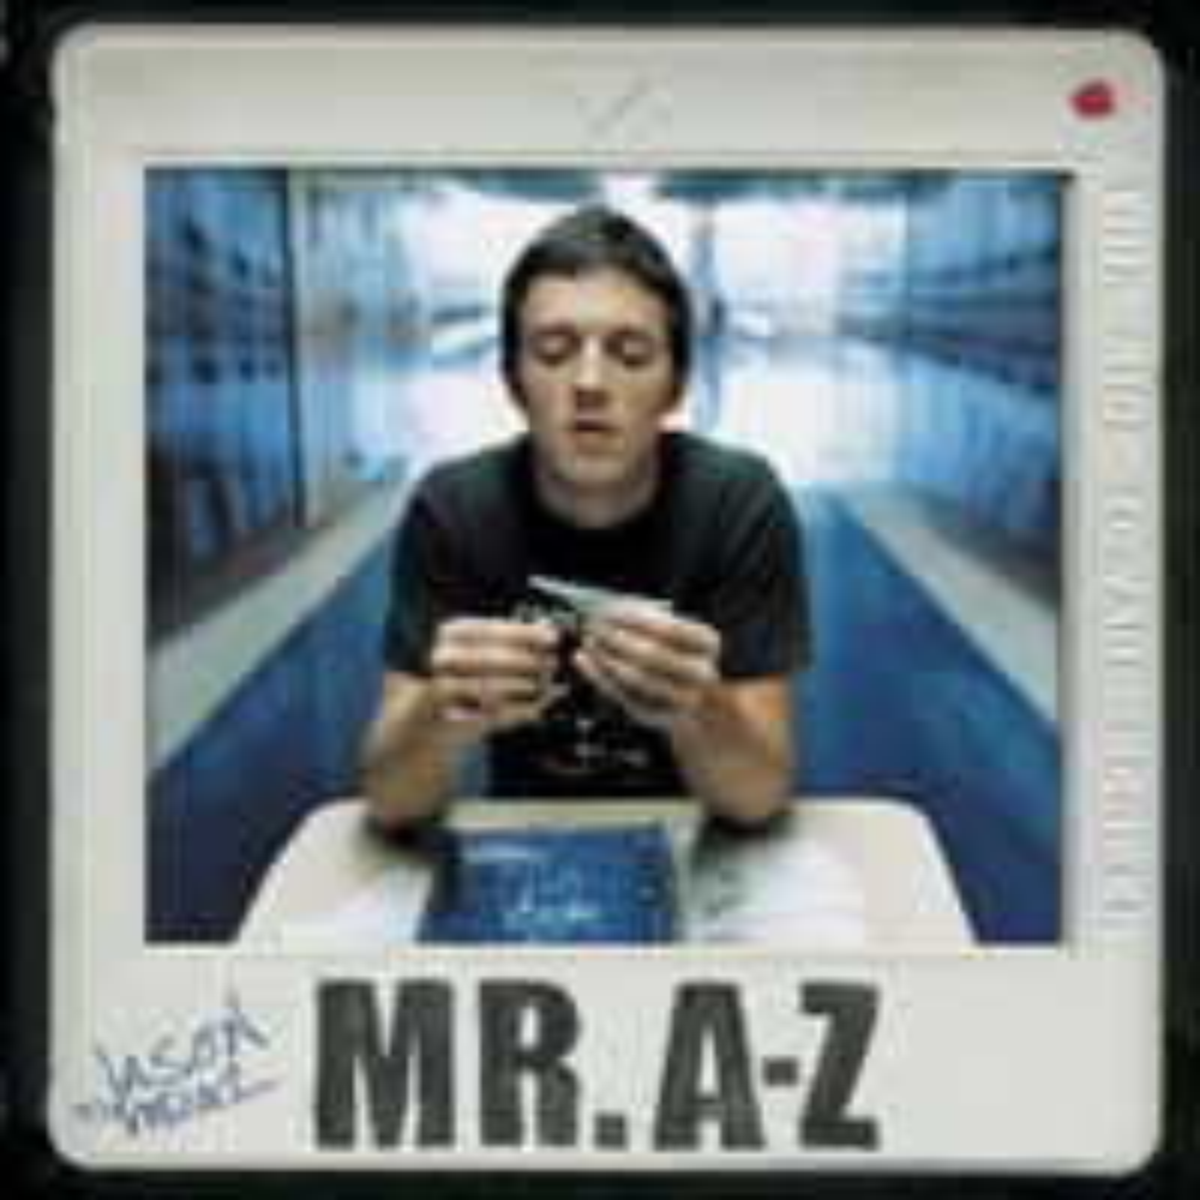 Jason Mraz, Mr. A-Z